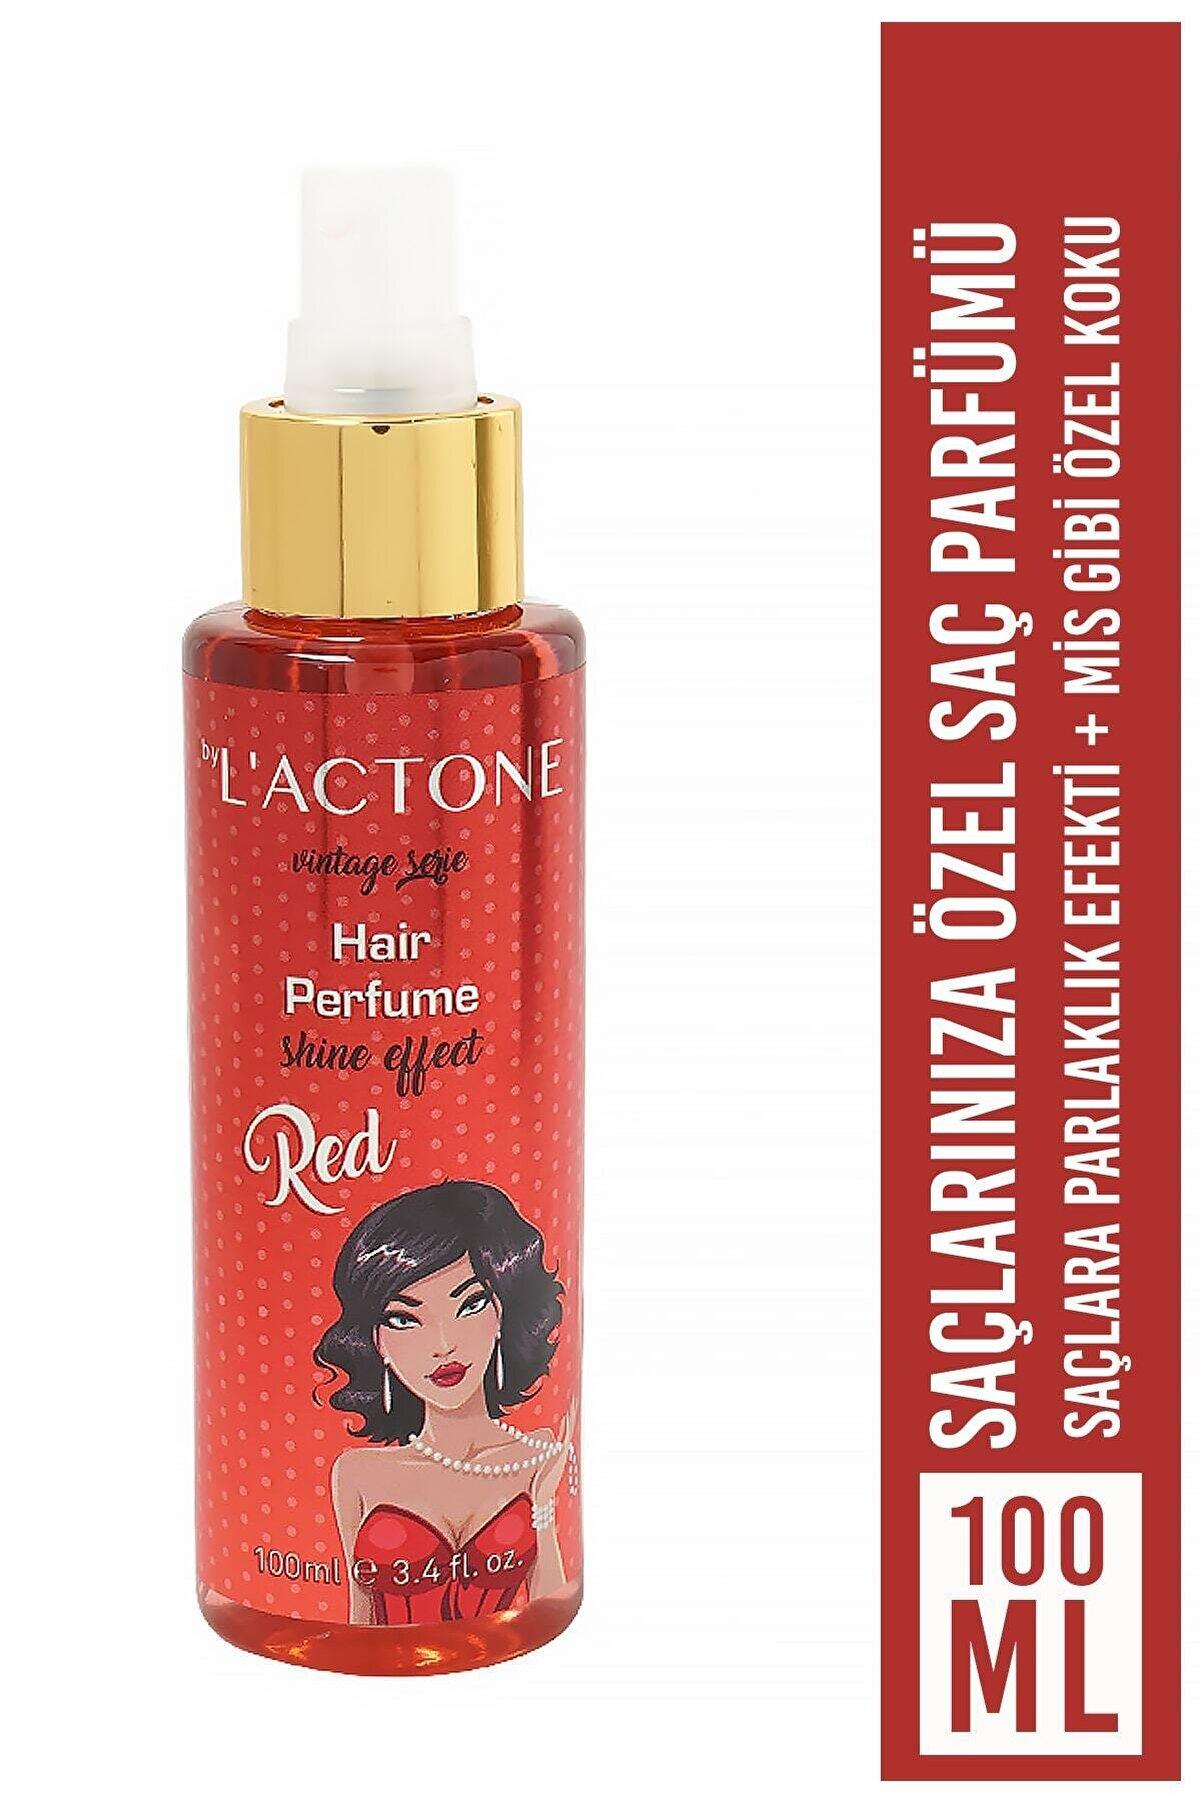 L'ACTONE Kadın Saç Parfümü Red - Hair Perfume 100 ml